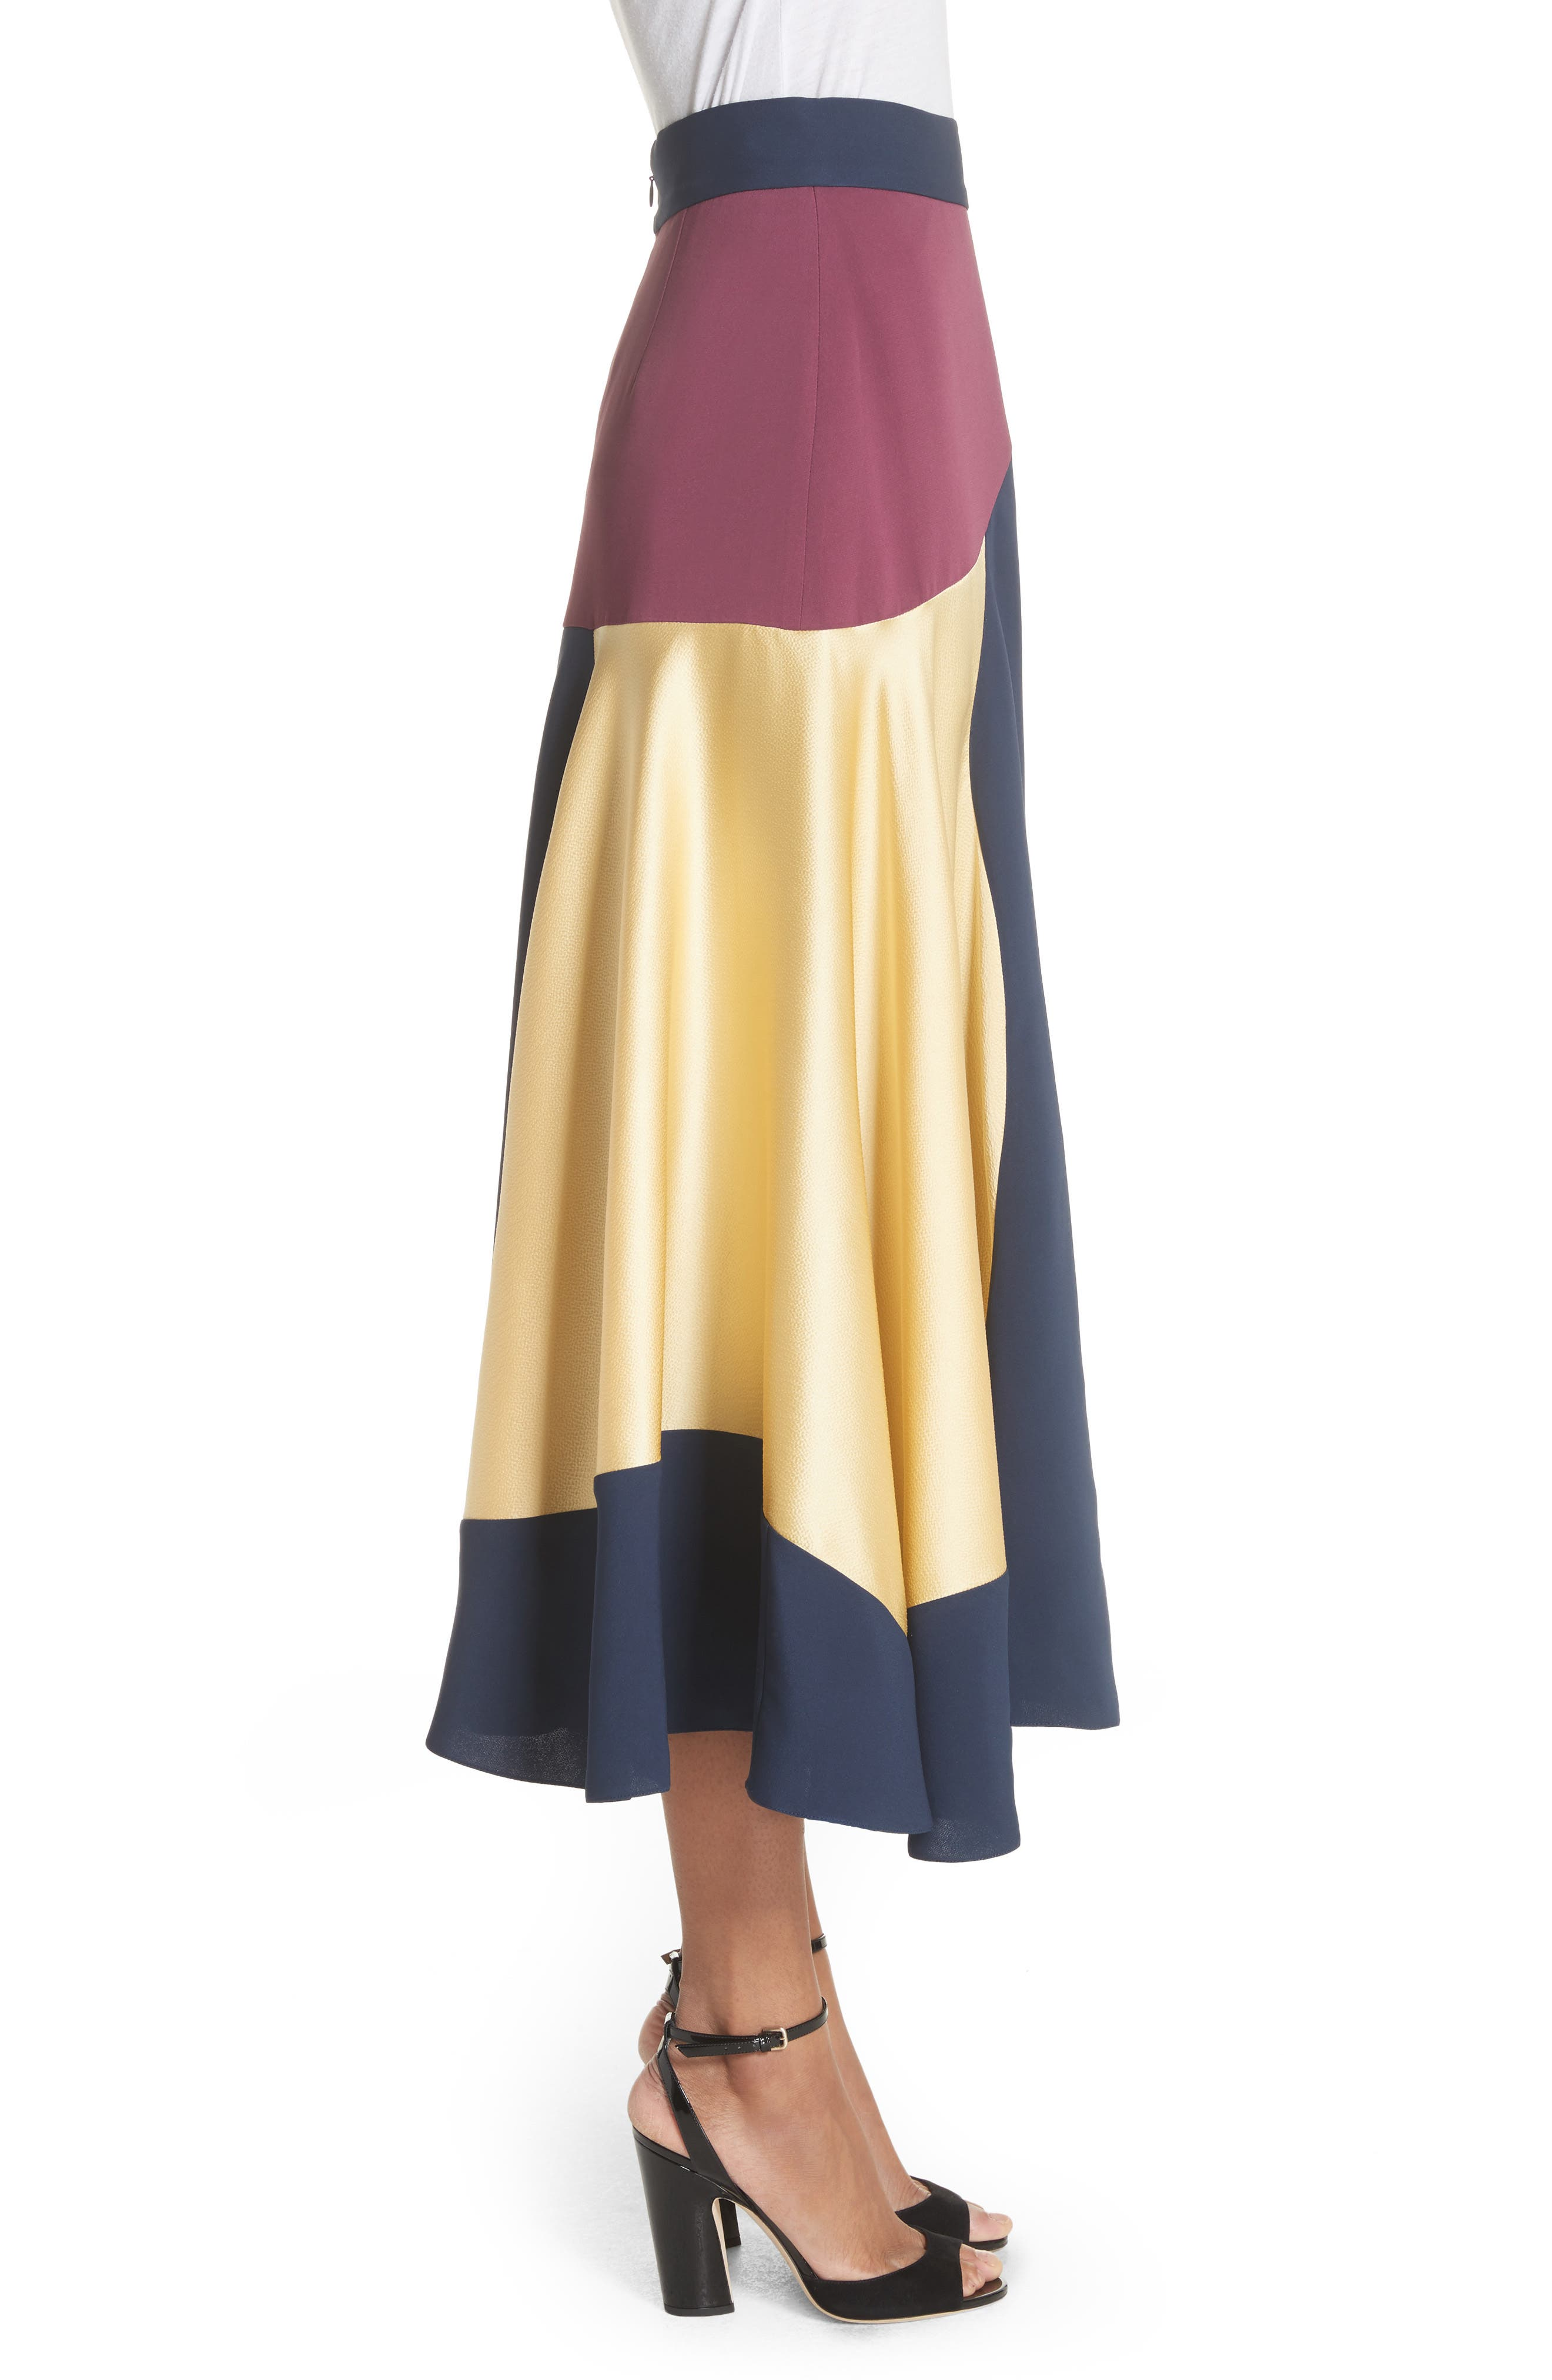 Rania Skirt,                             Alternate thumbnail 3, color,                             Sorbet/ Plum/ Navy